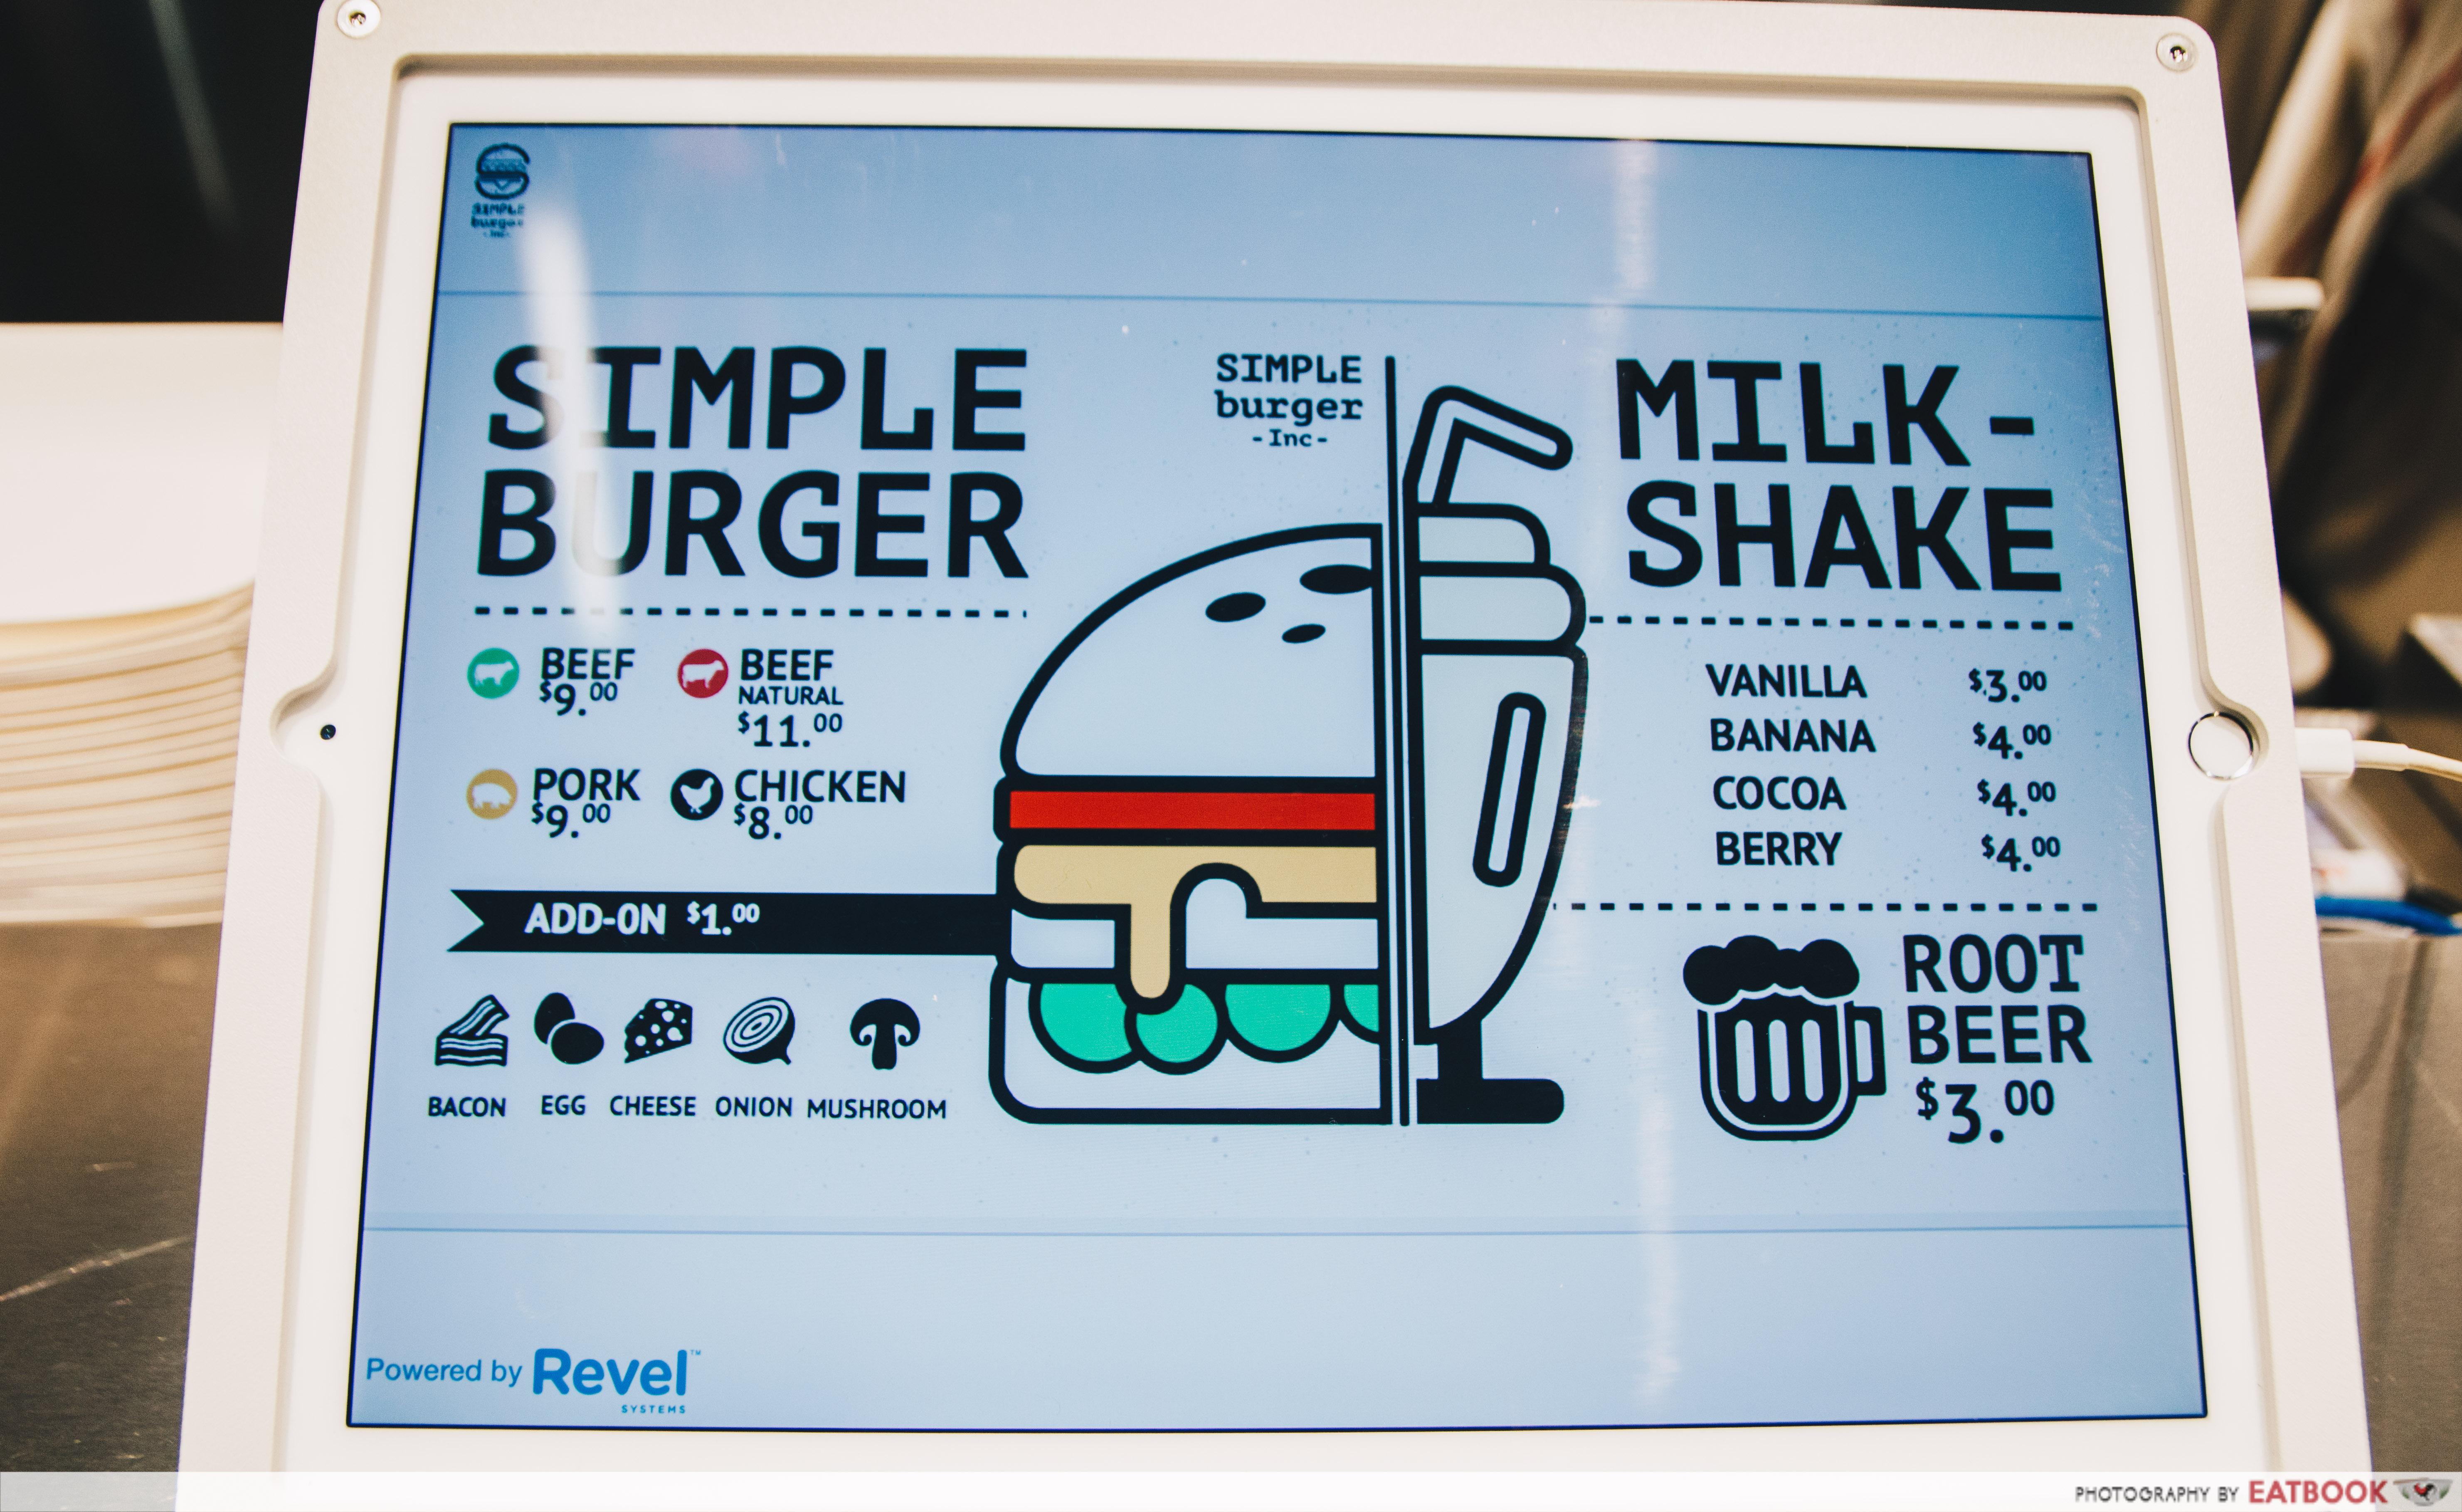 SIMPLEburger Inc. menu